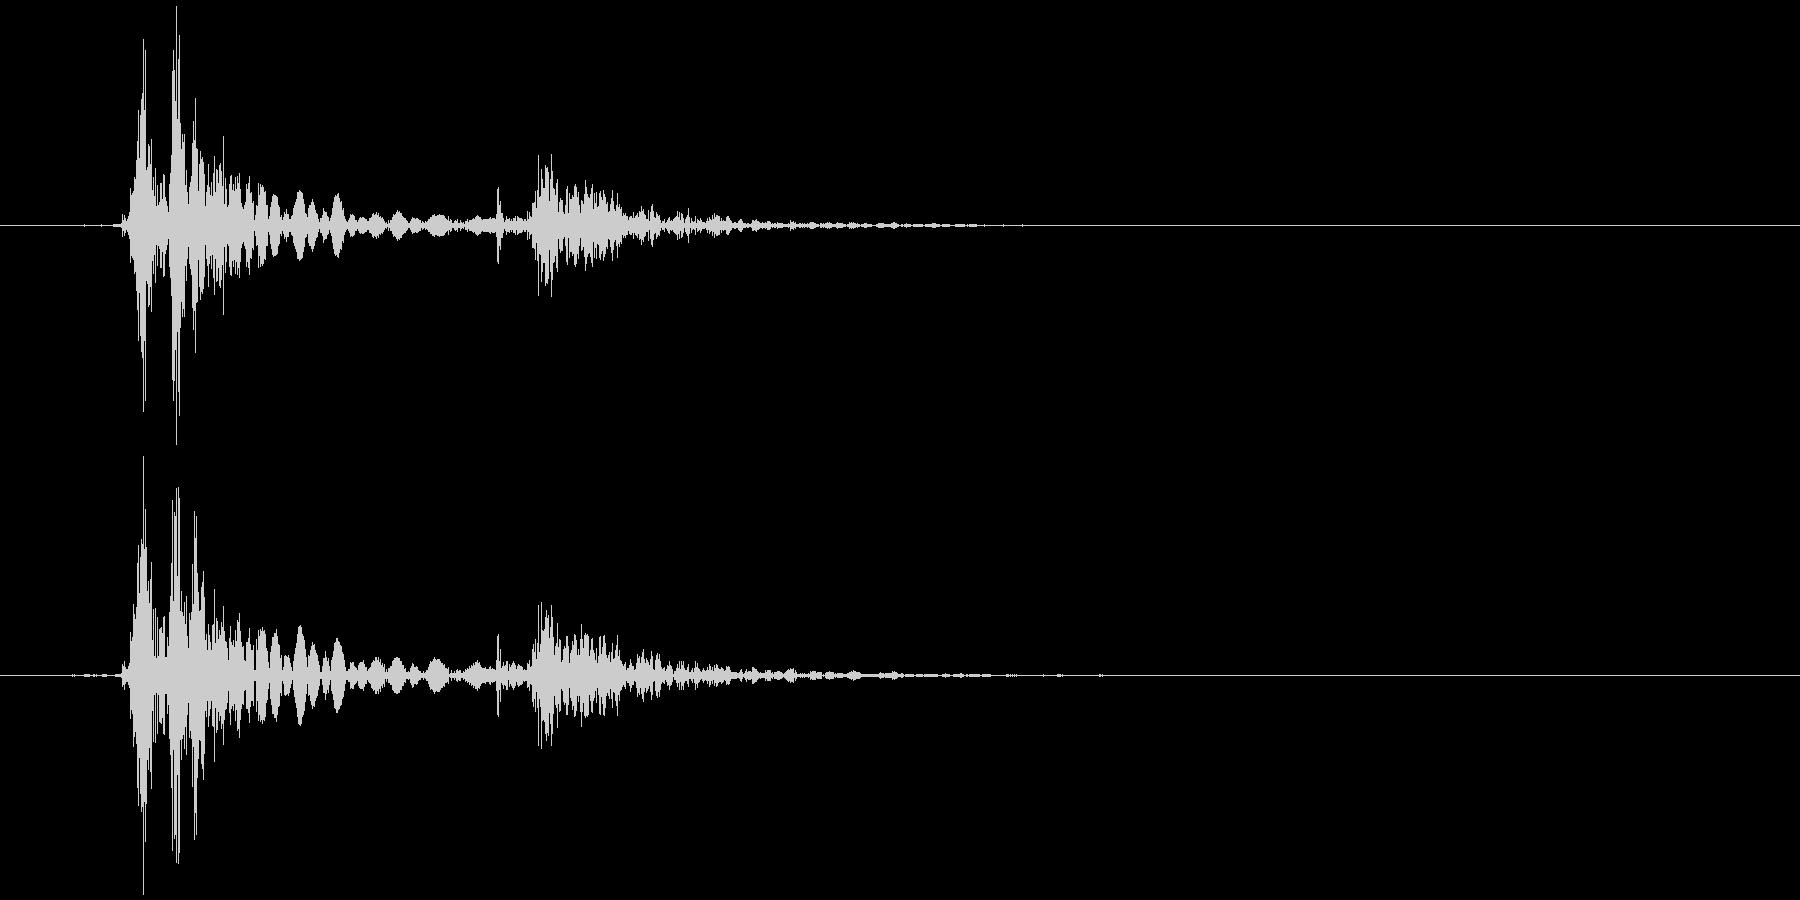 キーボード 一打B スペース風 (生音)の未再生の波形